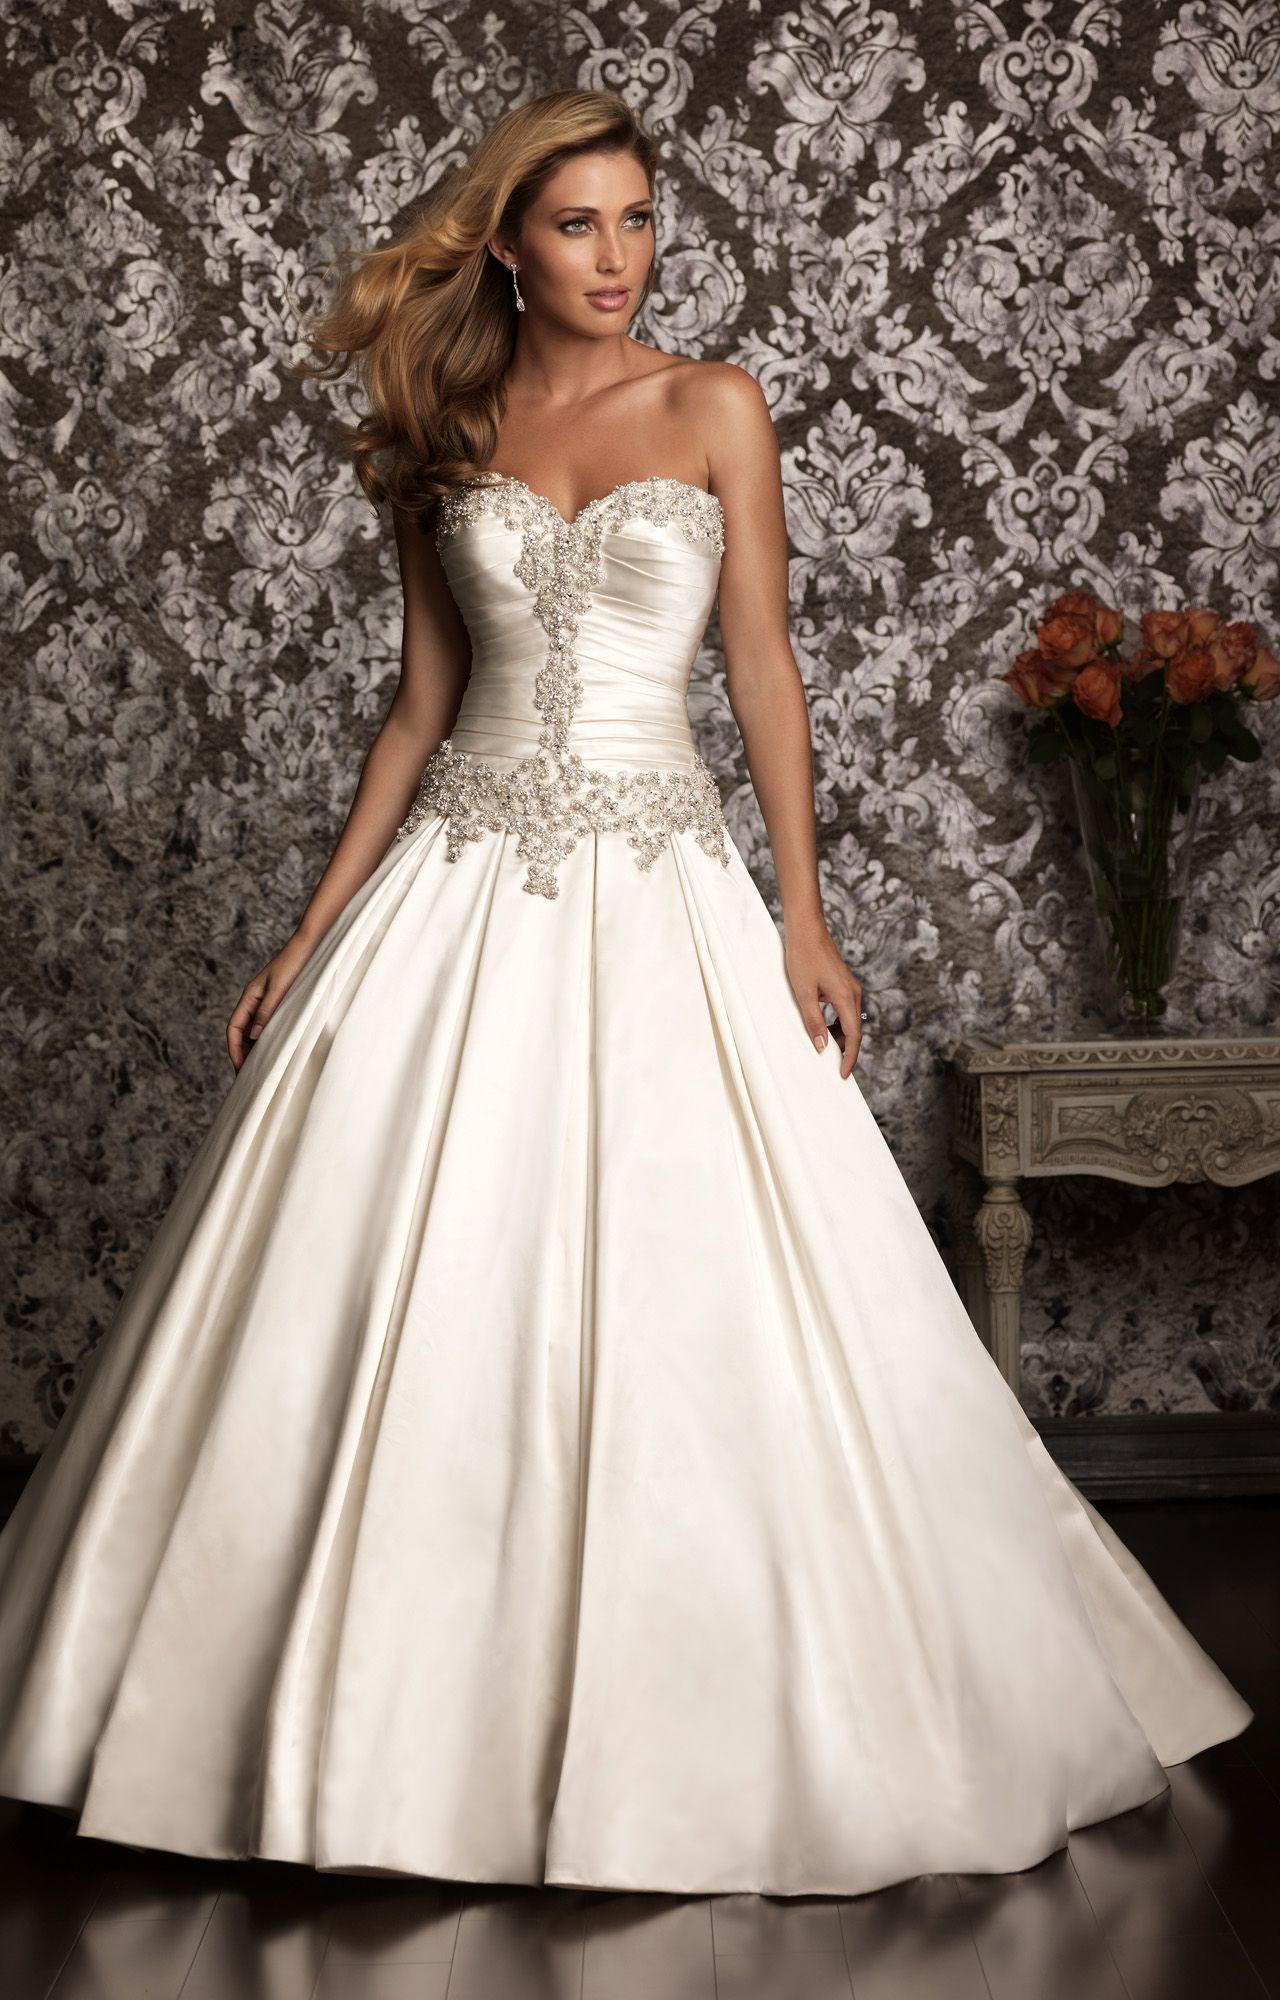 8a968c86e7 Allure Bridals 9003 Wedding Dress